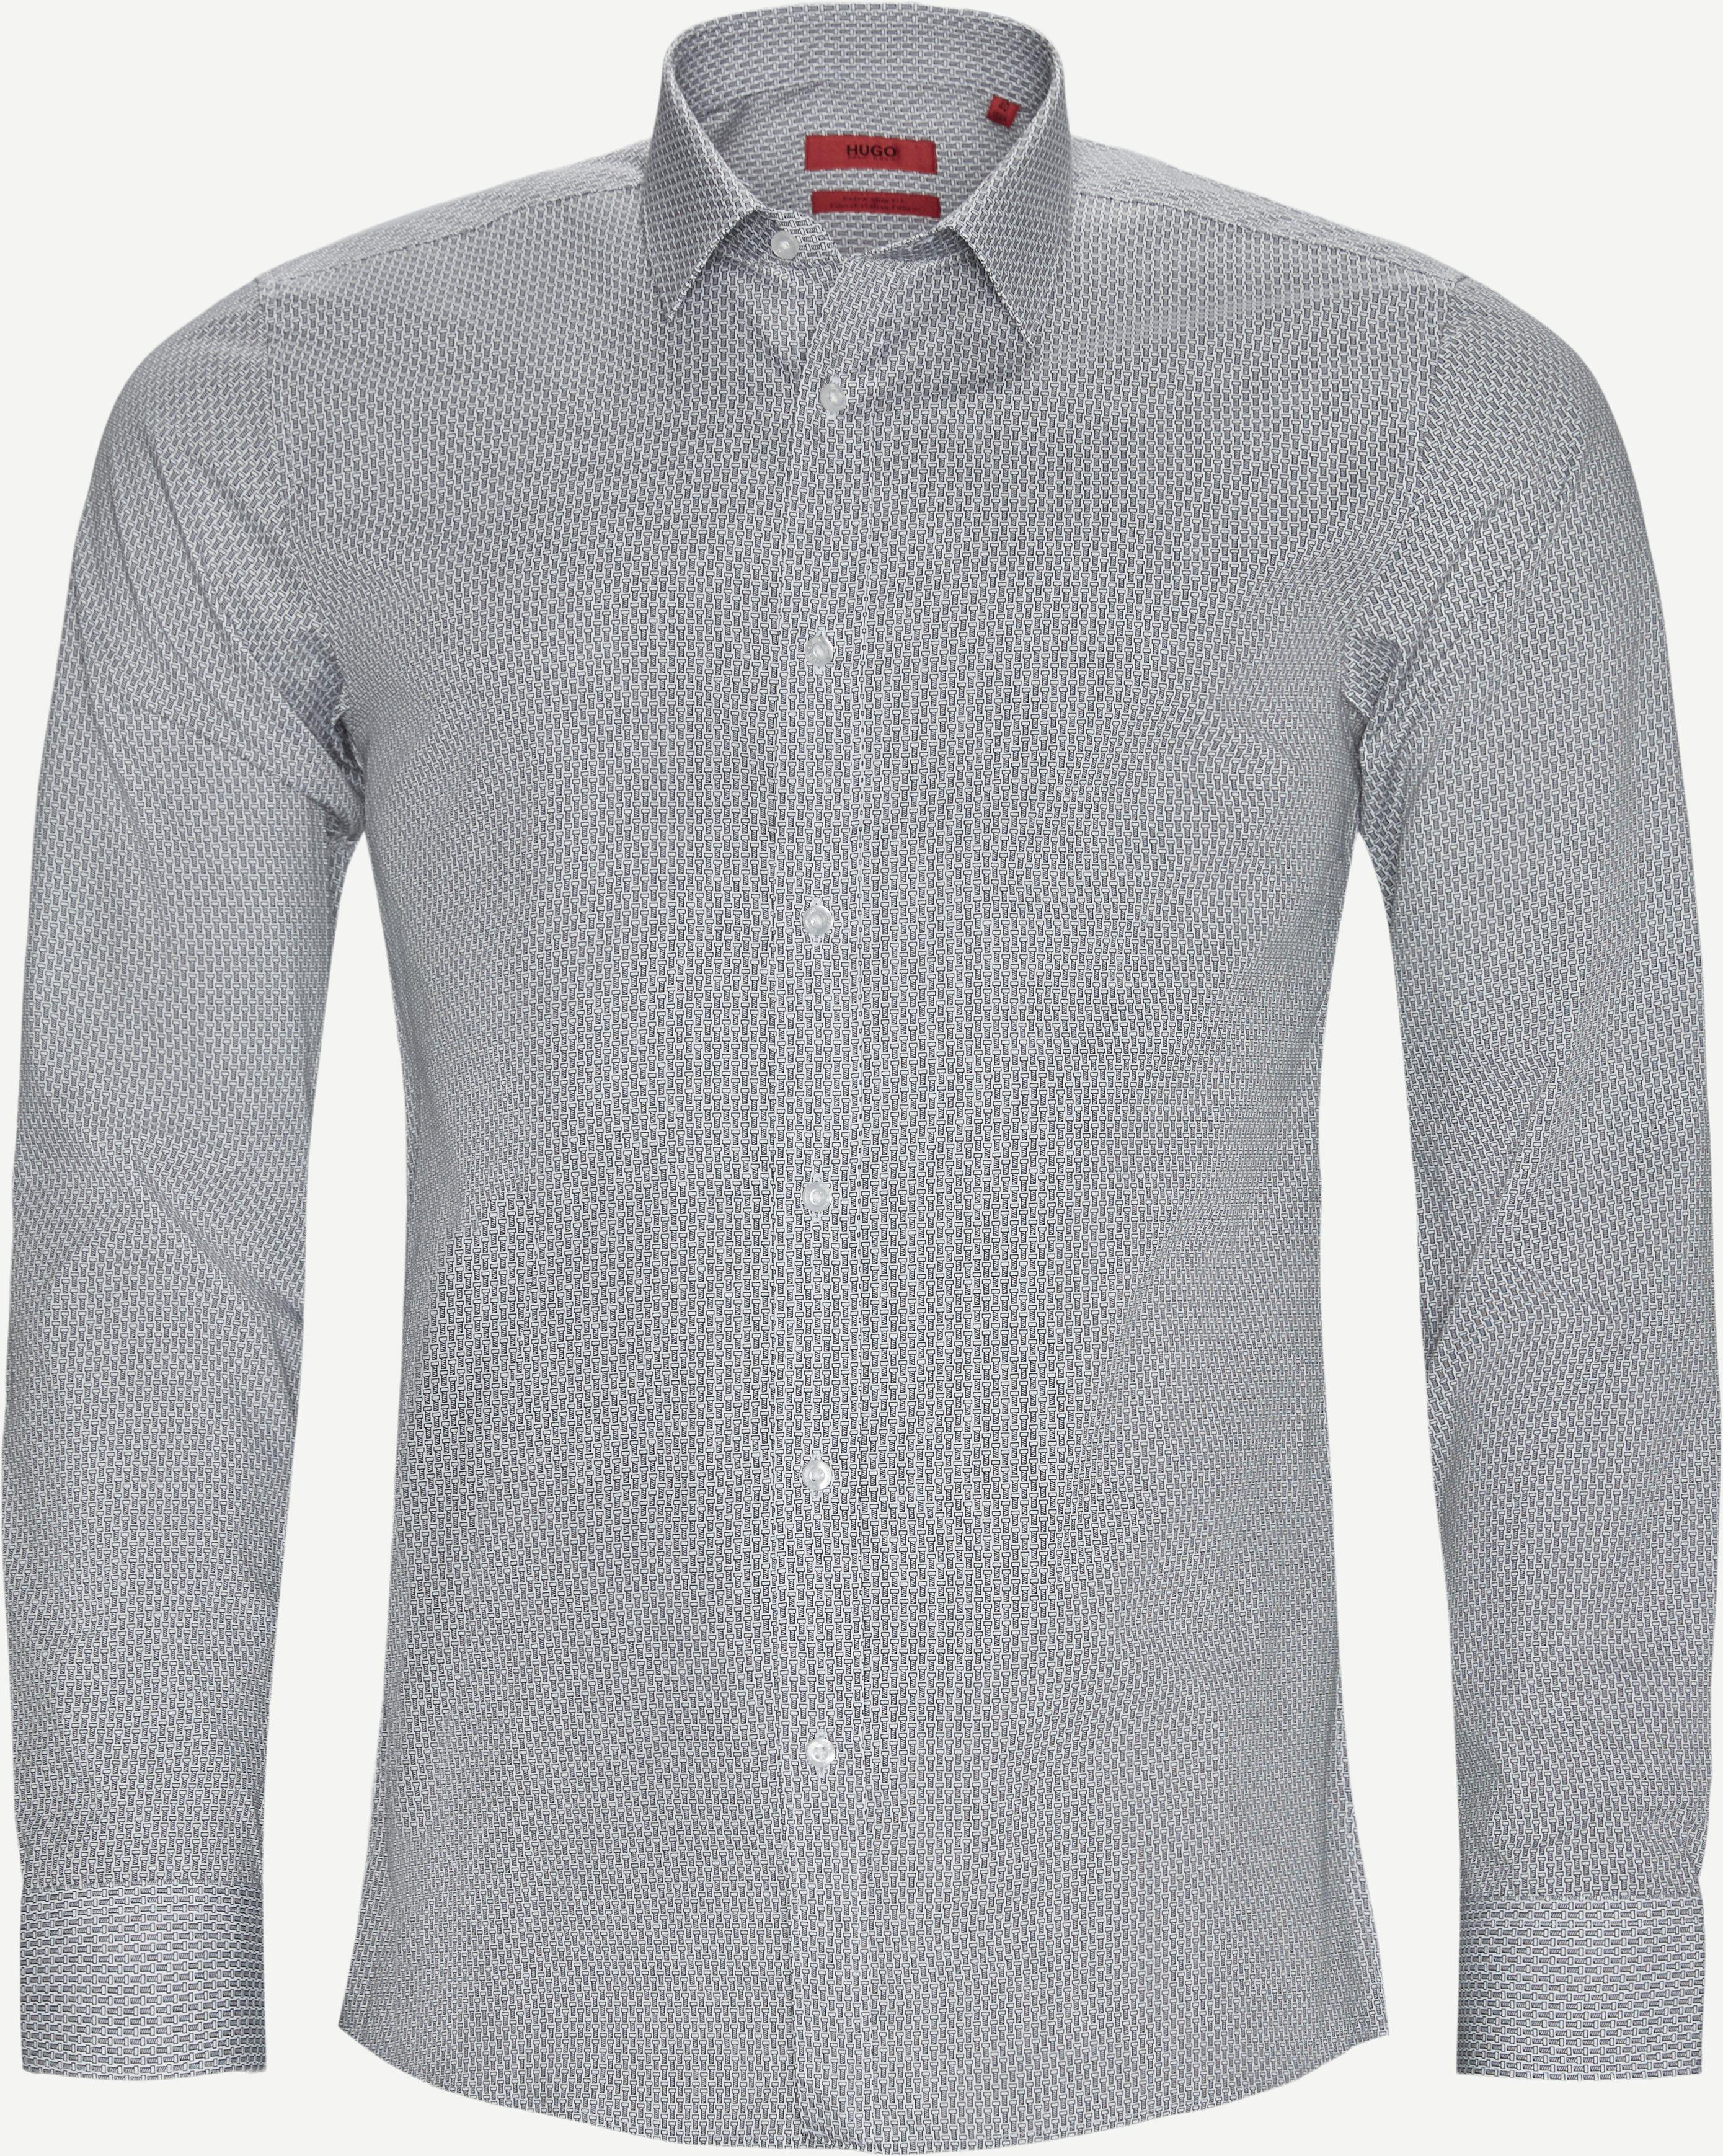 Elisha02 Shirt - Skjorter - Ekstra slim fit - Hvid